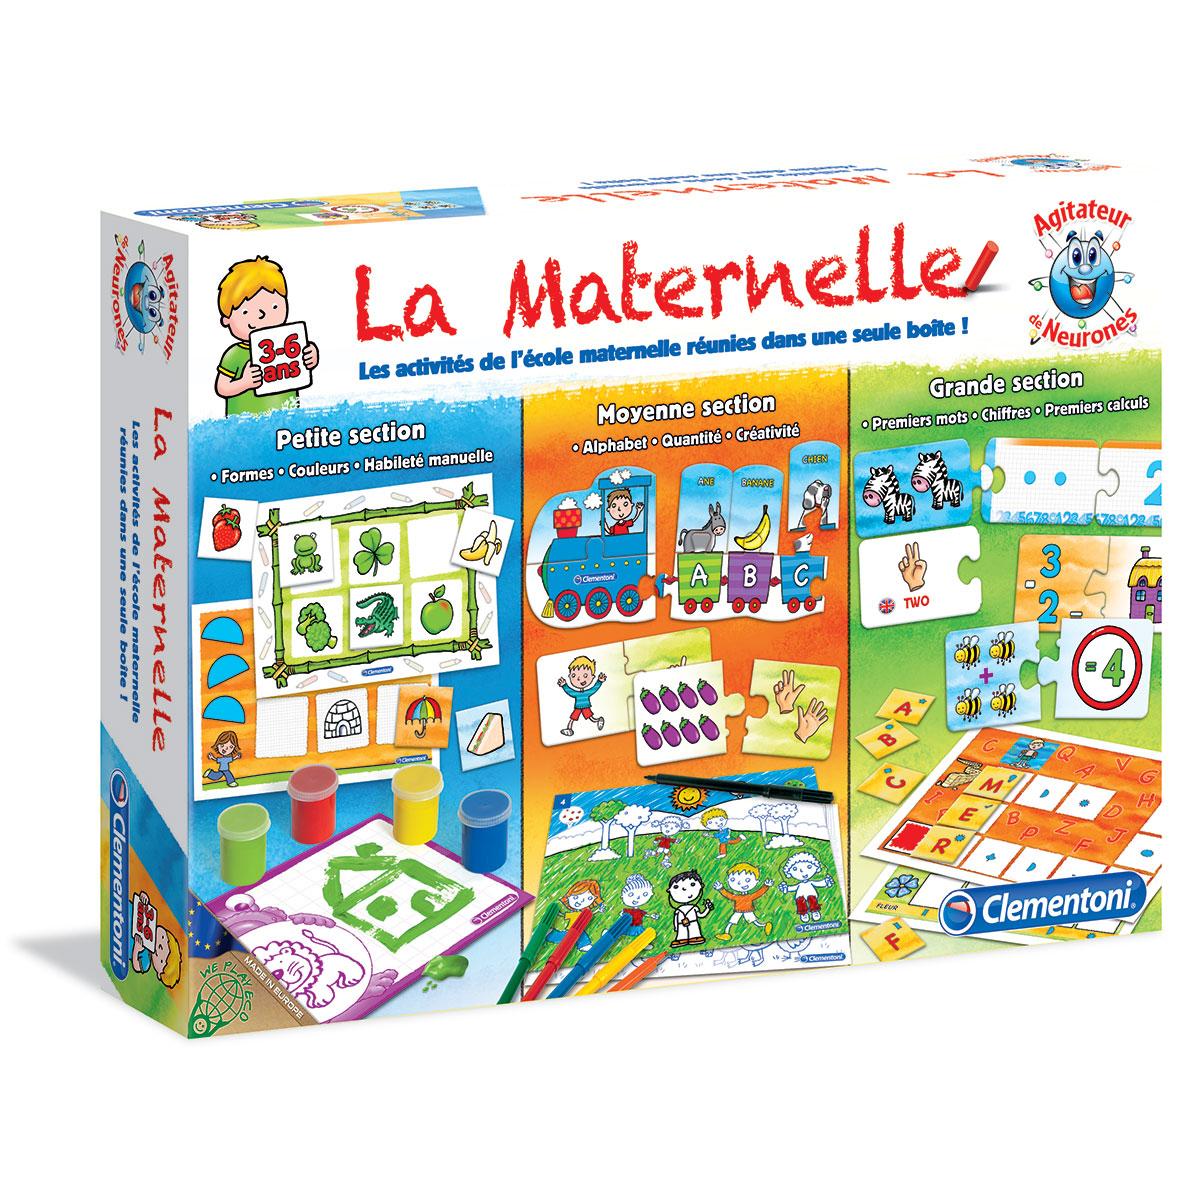 ᐅ Jeu Éducatif 3 Ans, Comment Acheter Le Meilleur. 2019 ? destiné Jeux Educatif Maternelle Moyenne Section